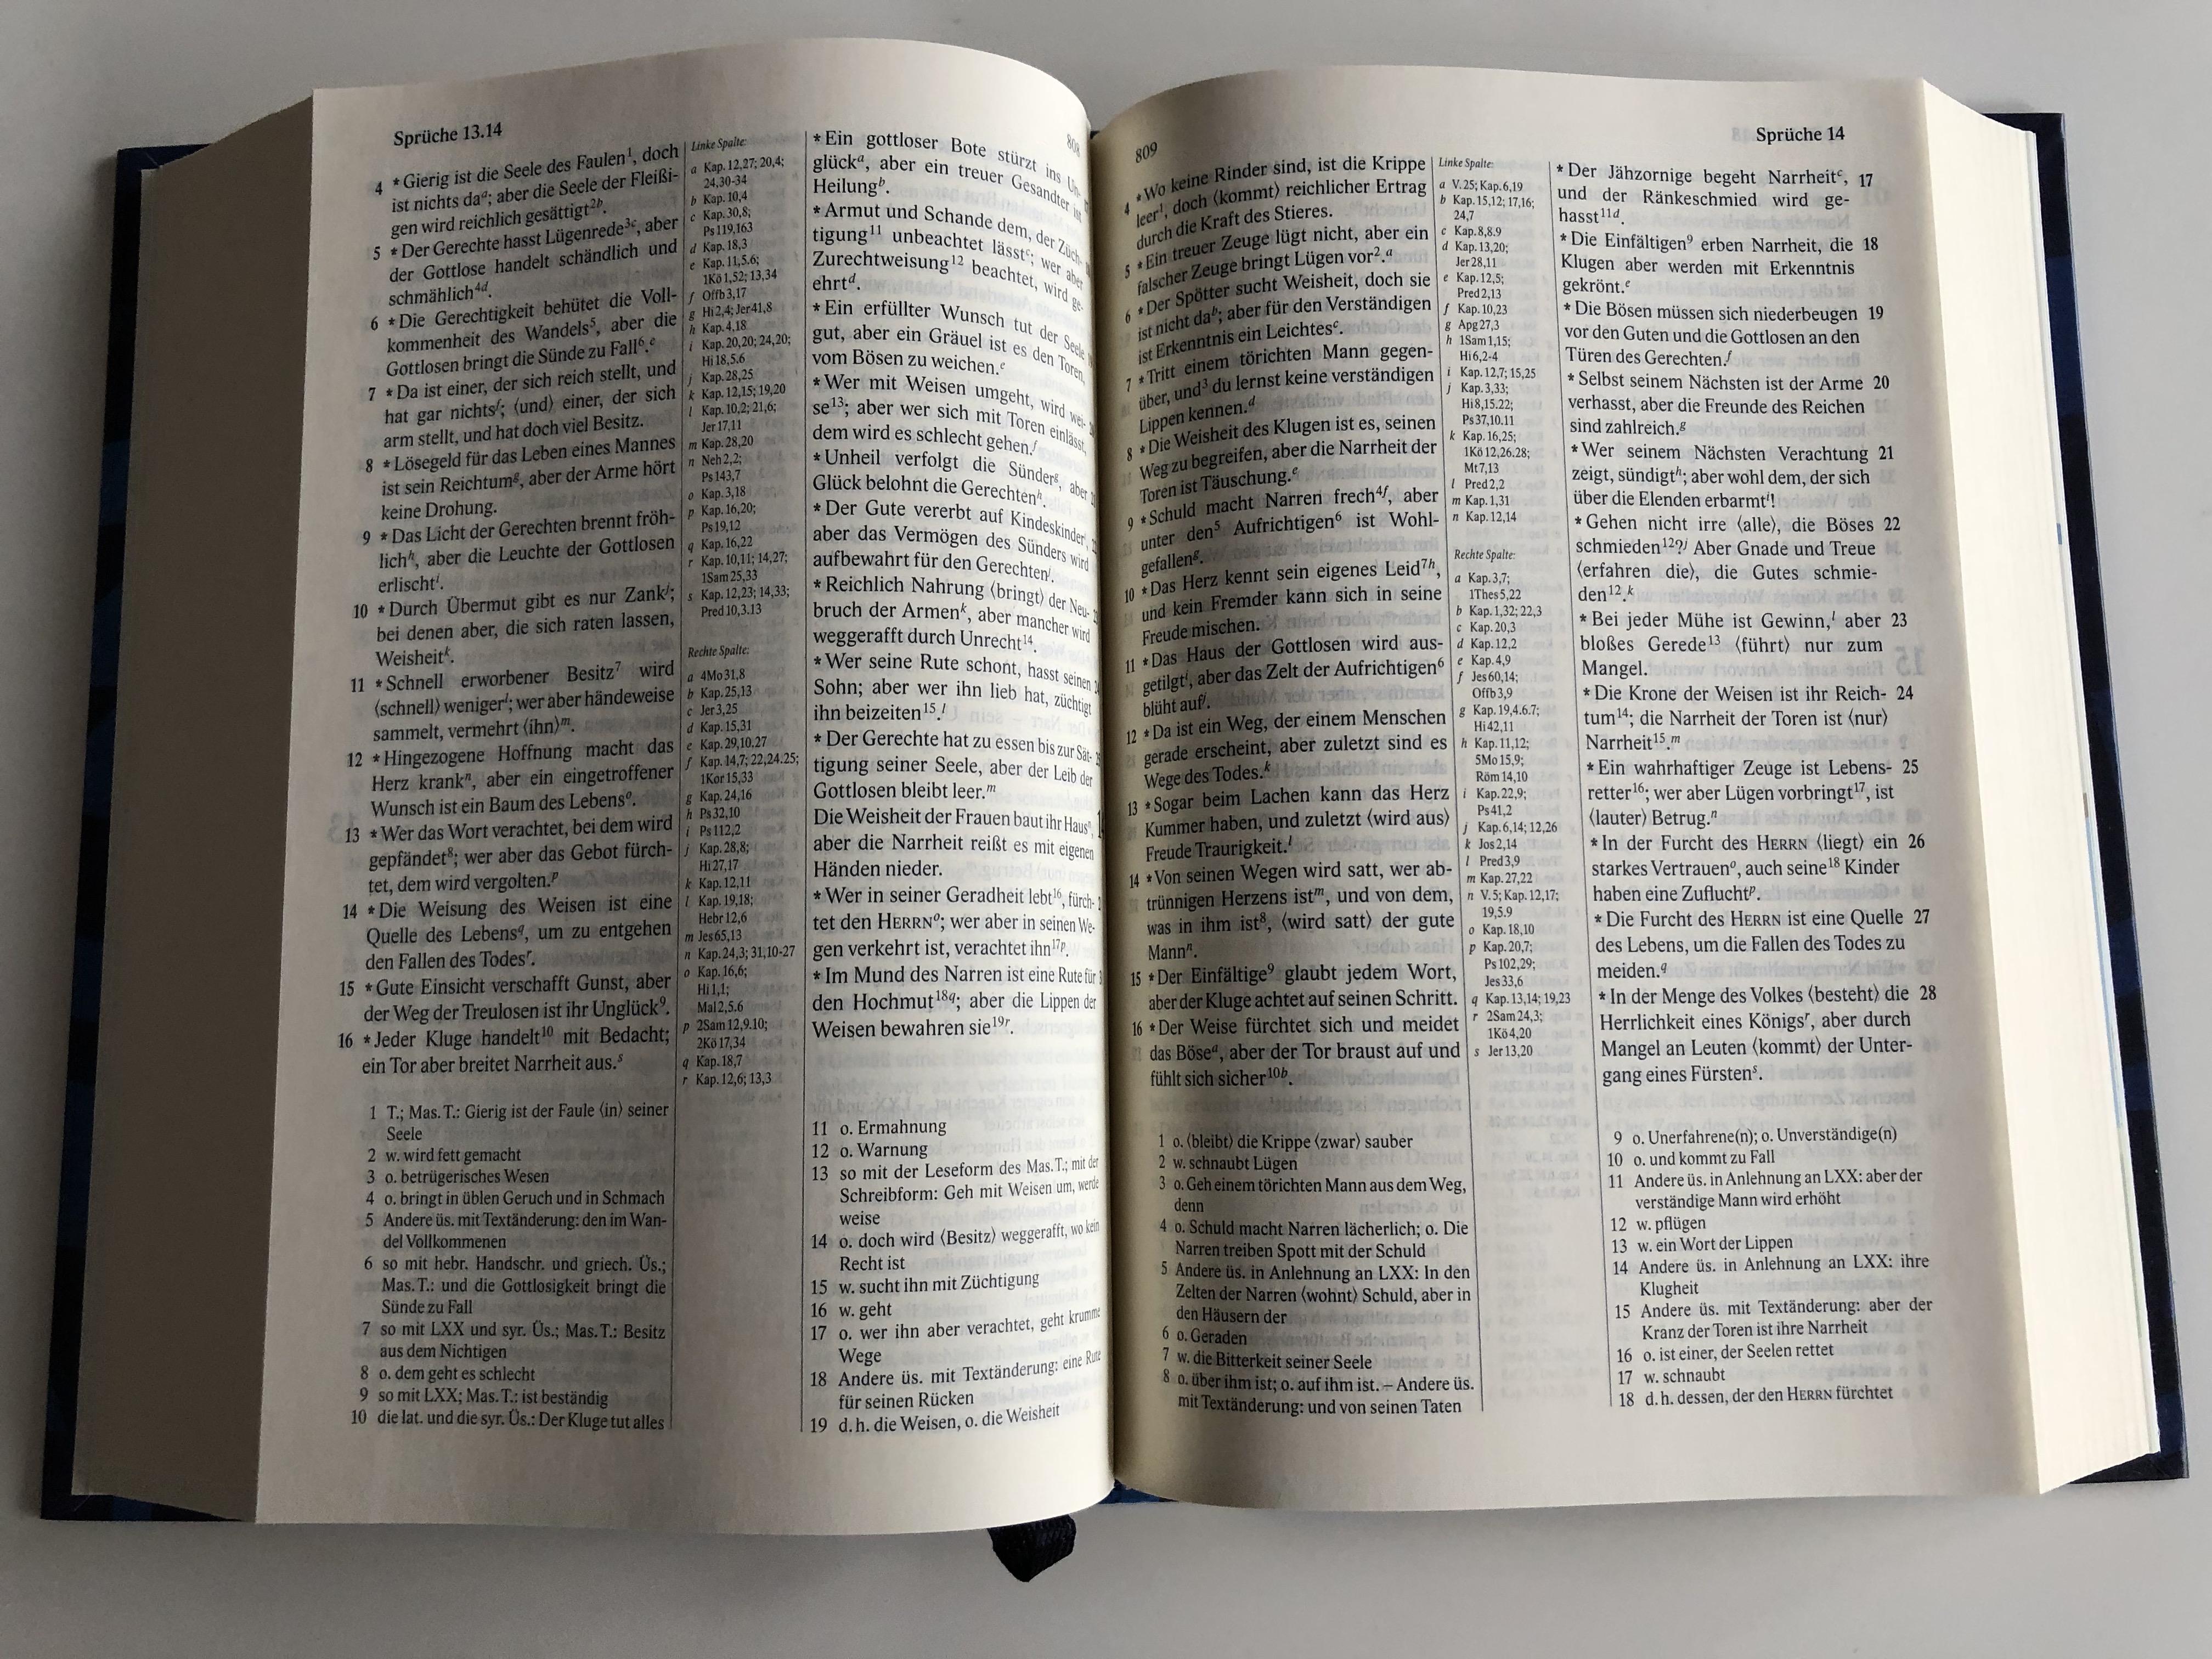 elberfelder-bibel-glass-window-cover-holy-bible-in-german-language-6.jpg